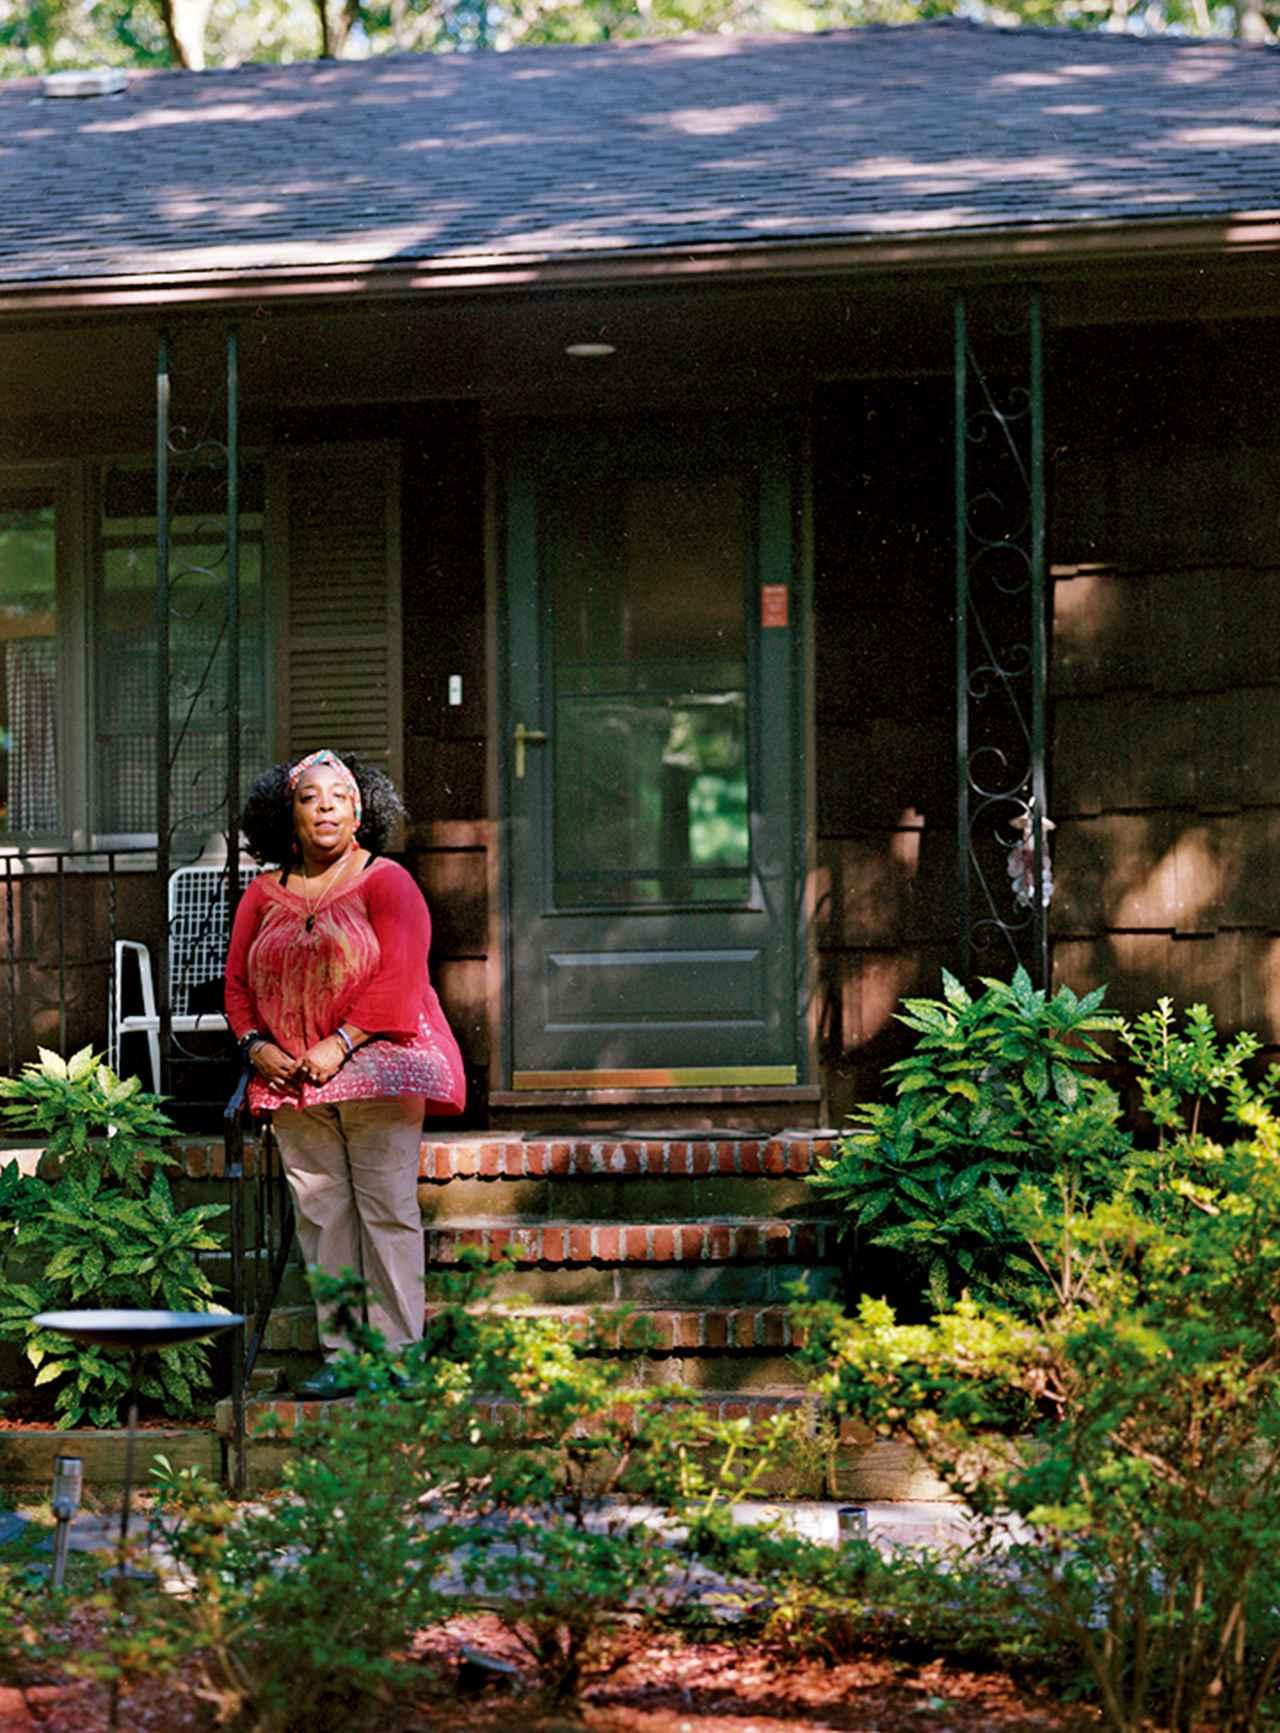 Images : 5番目の画像 - 「黒人コミュニティをつくりあげた 家族たちのパイオニア・スピリット」のアルバム - T JAPAN:The New York Times Style Magazine 公式サイト